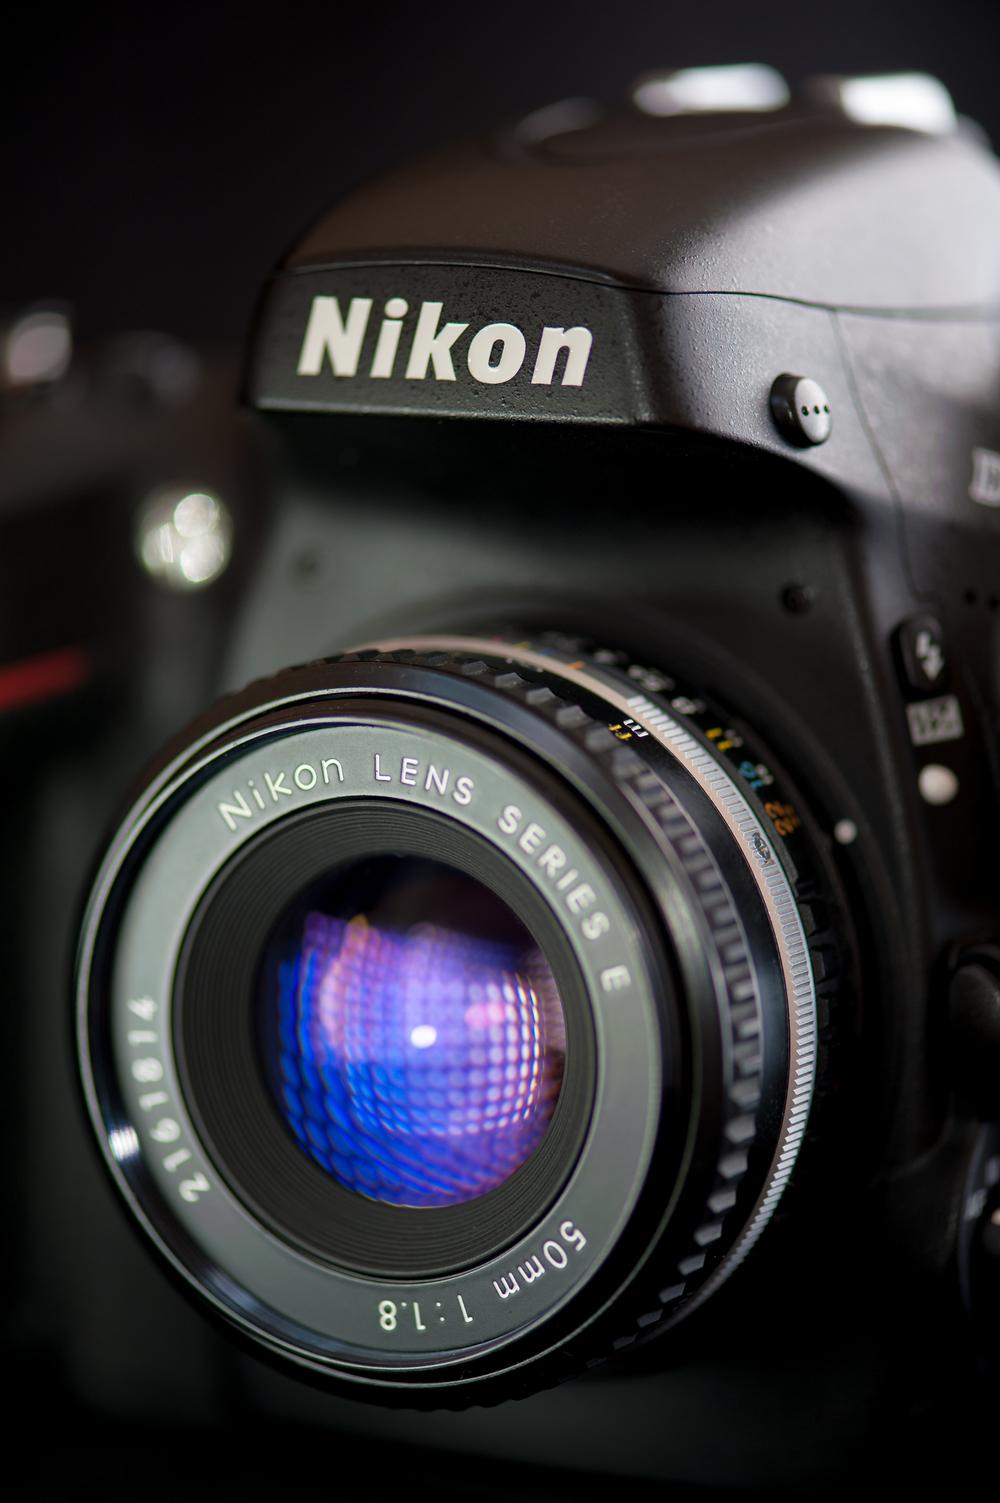 NikonD800&50mmf1.8NikonSeriesE.jpg